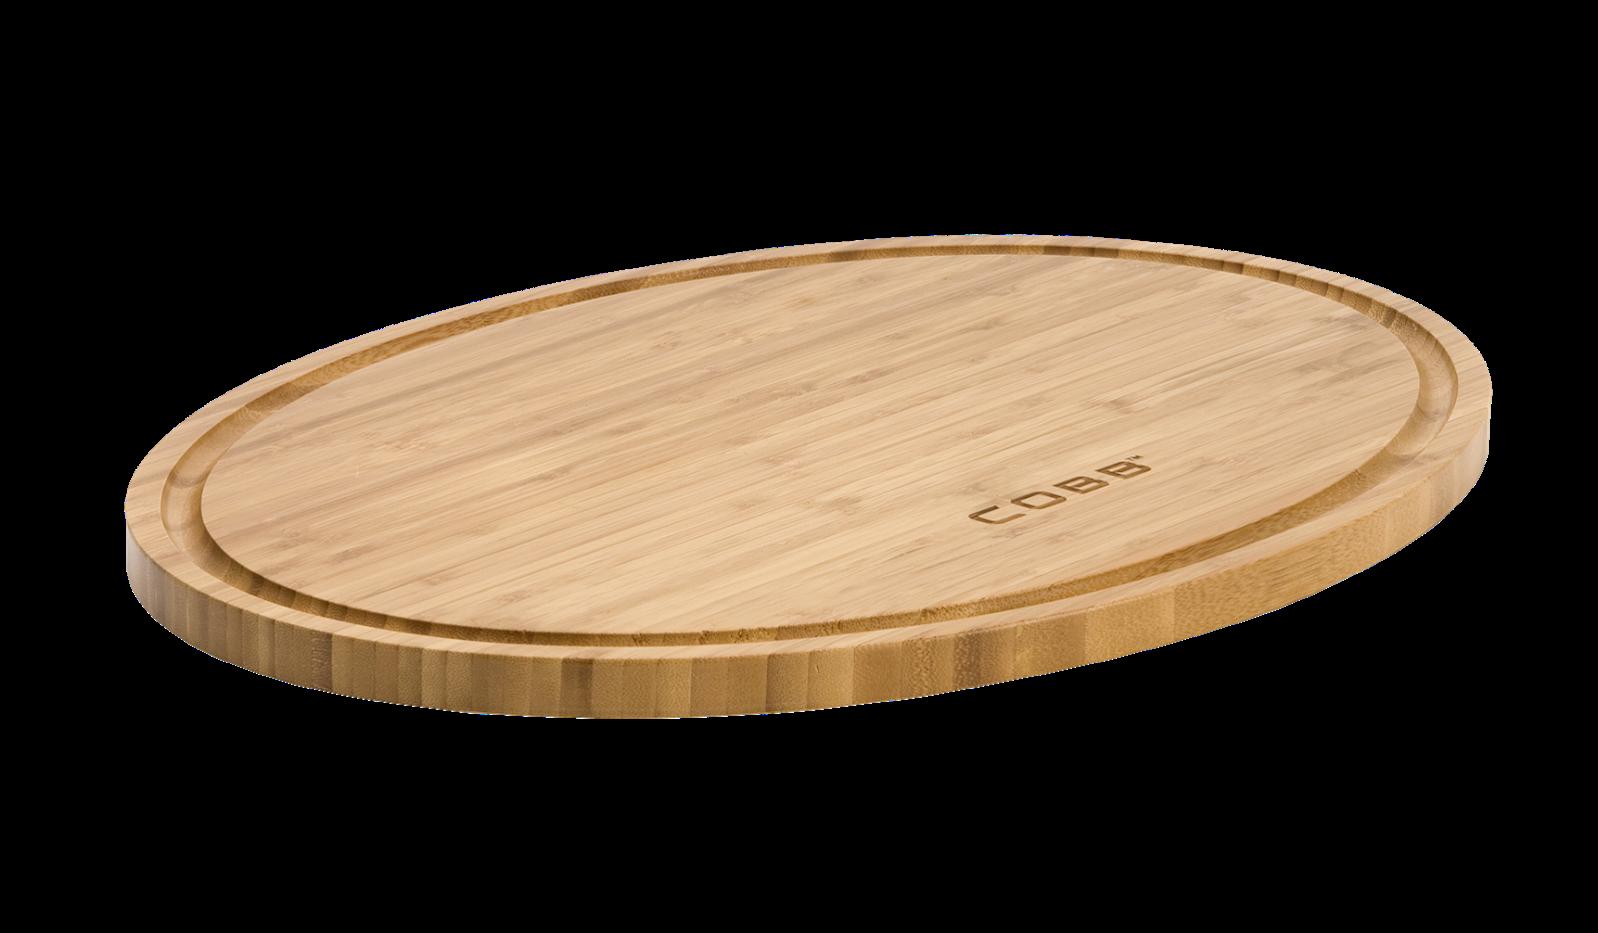 Cobb Supreme Cutting Board